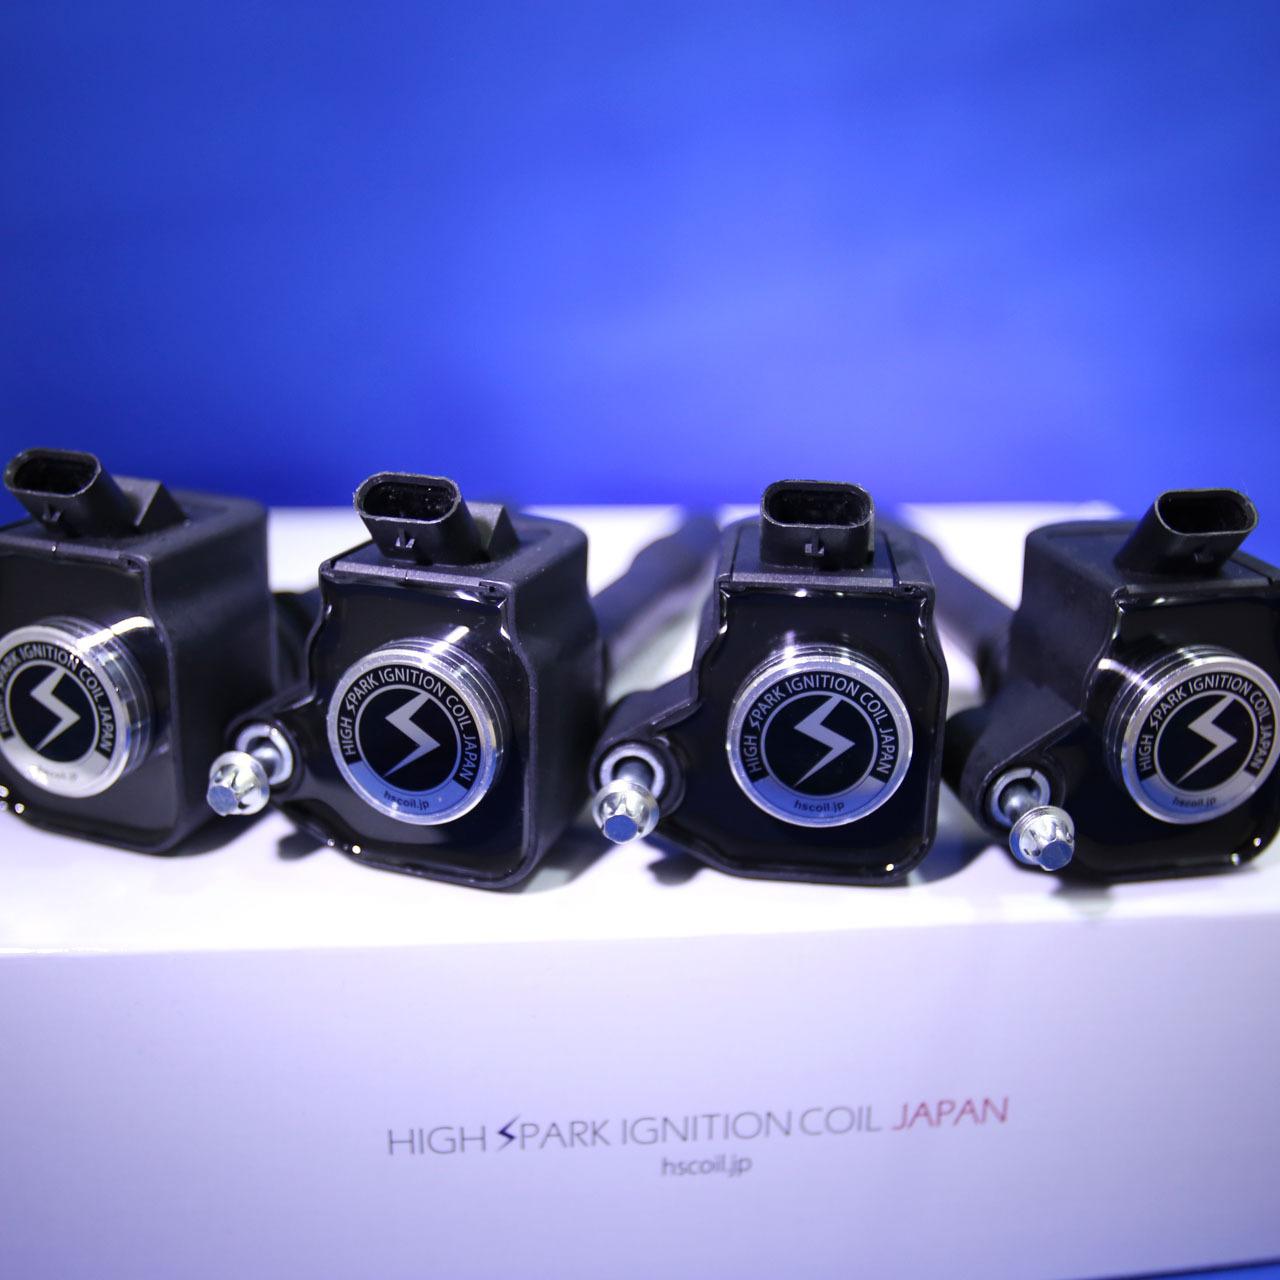 ハイスパークイグニッションコイル プレミアム F54~F60 COOPER S JCW - 画像1